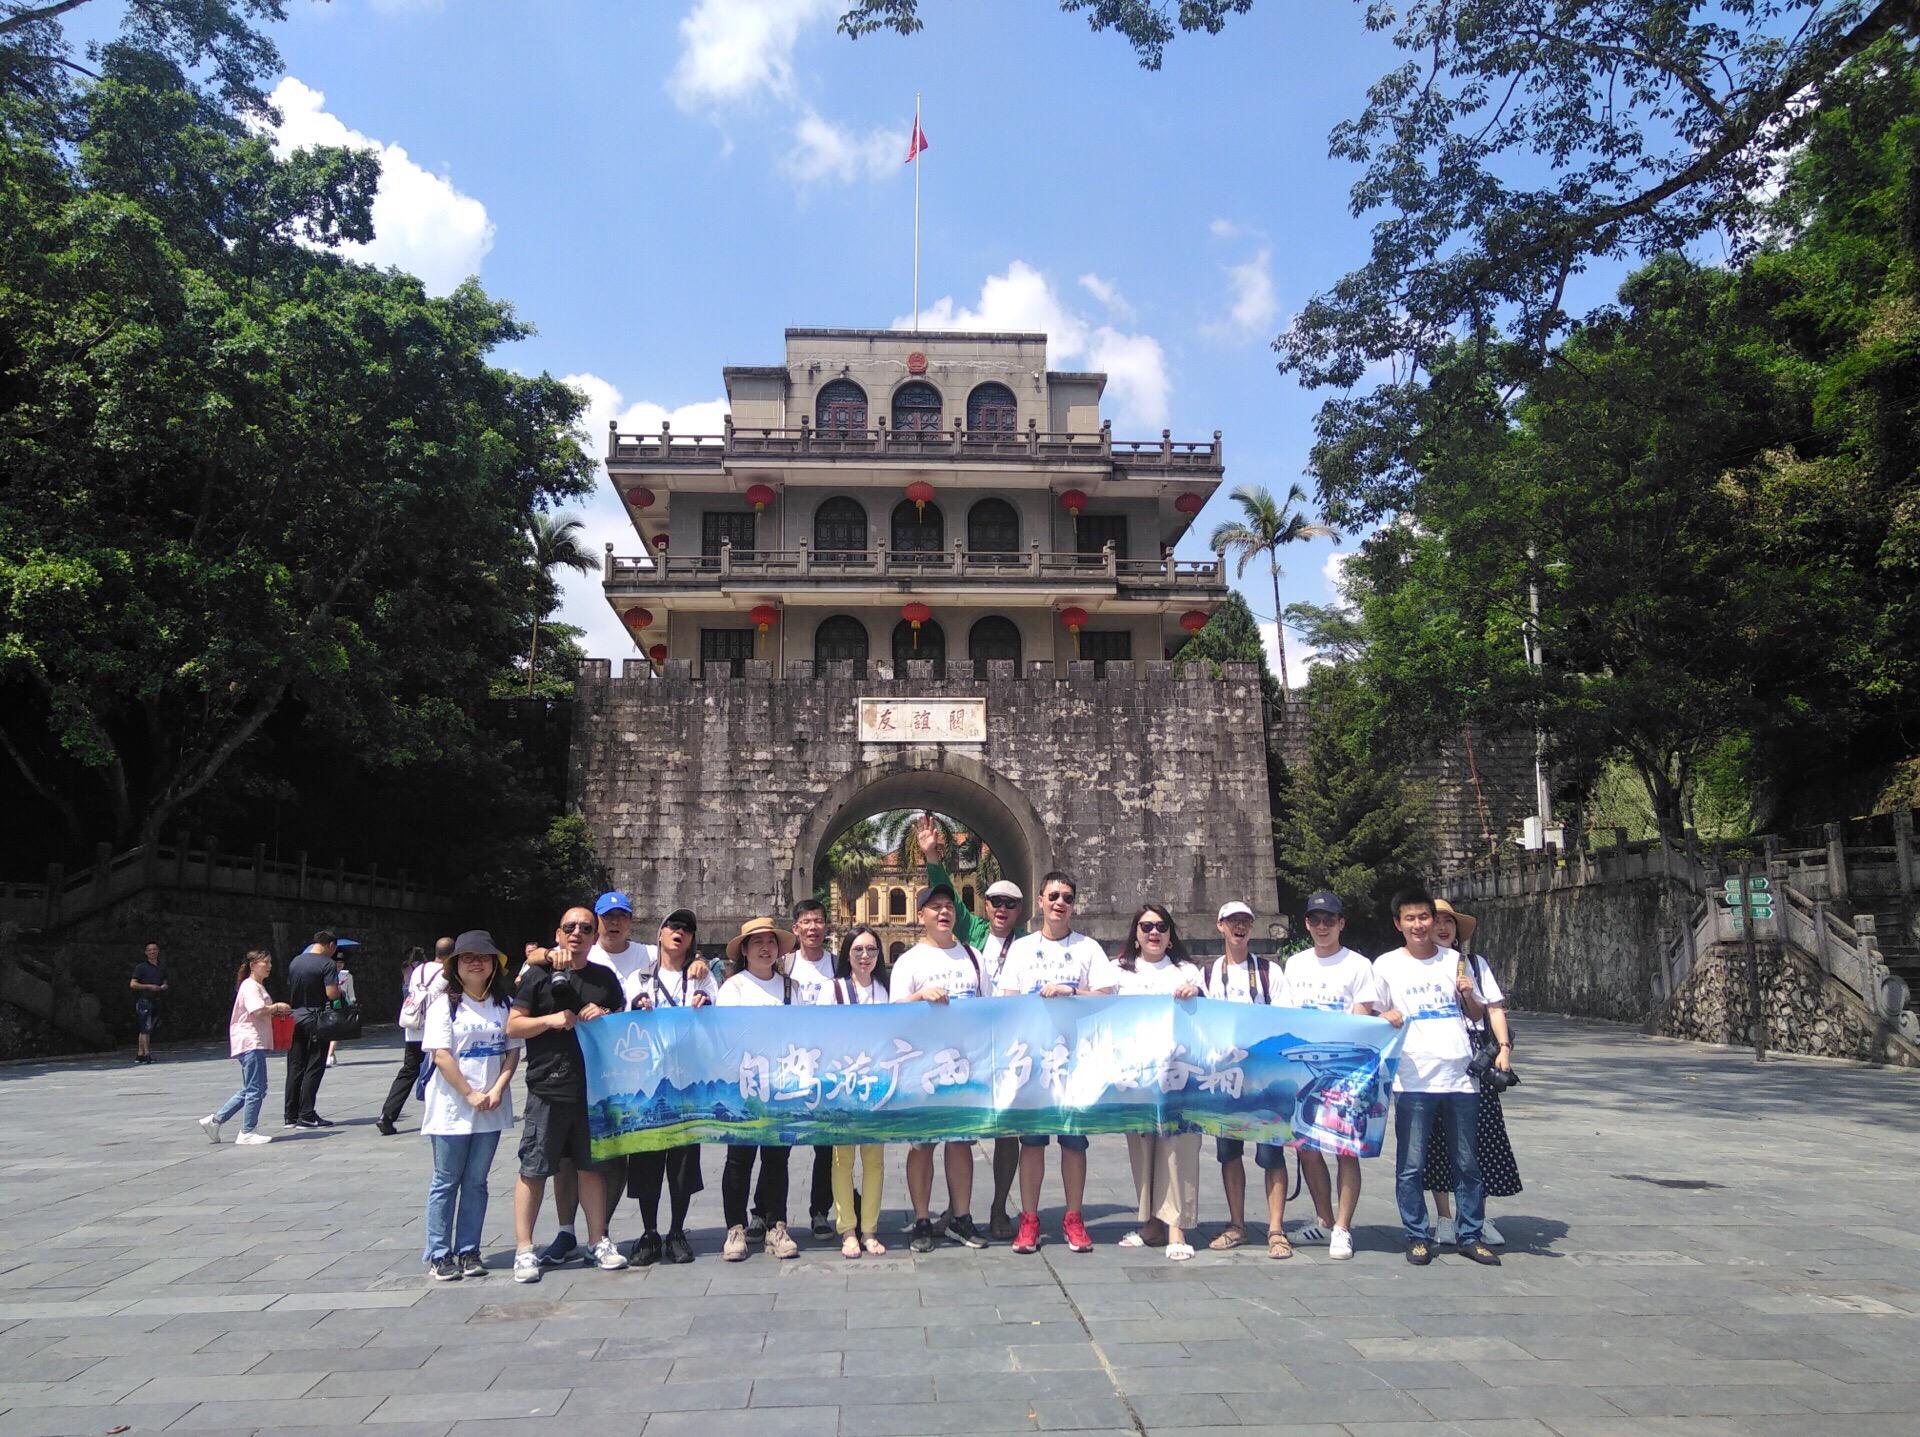 Pingxiang Museum